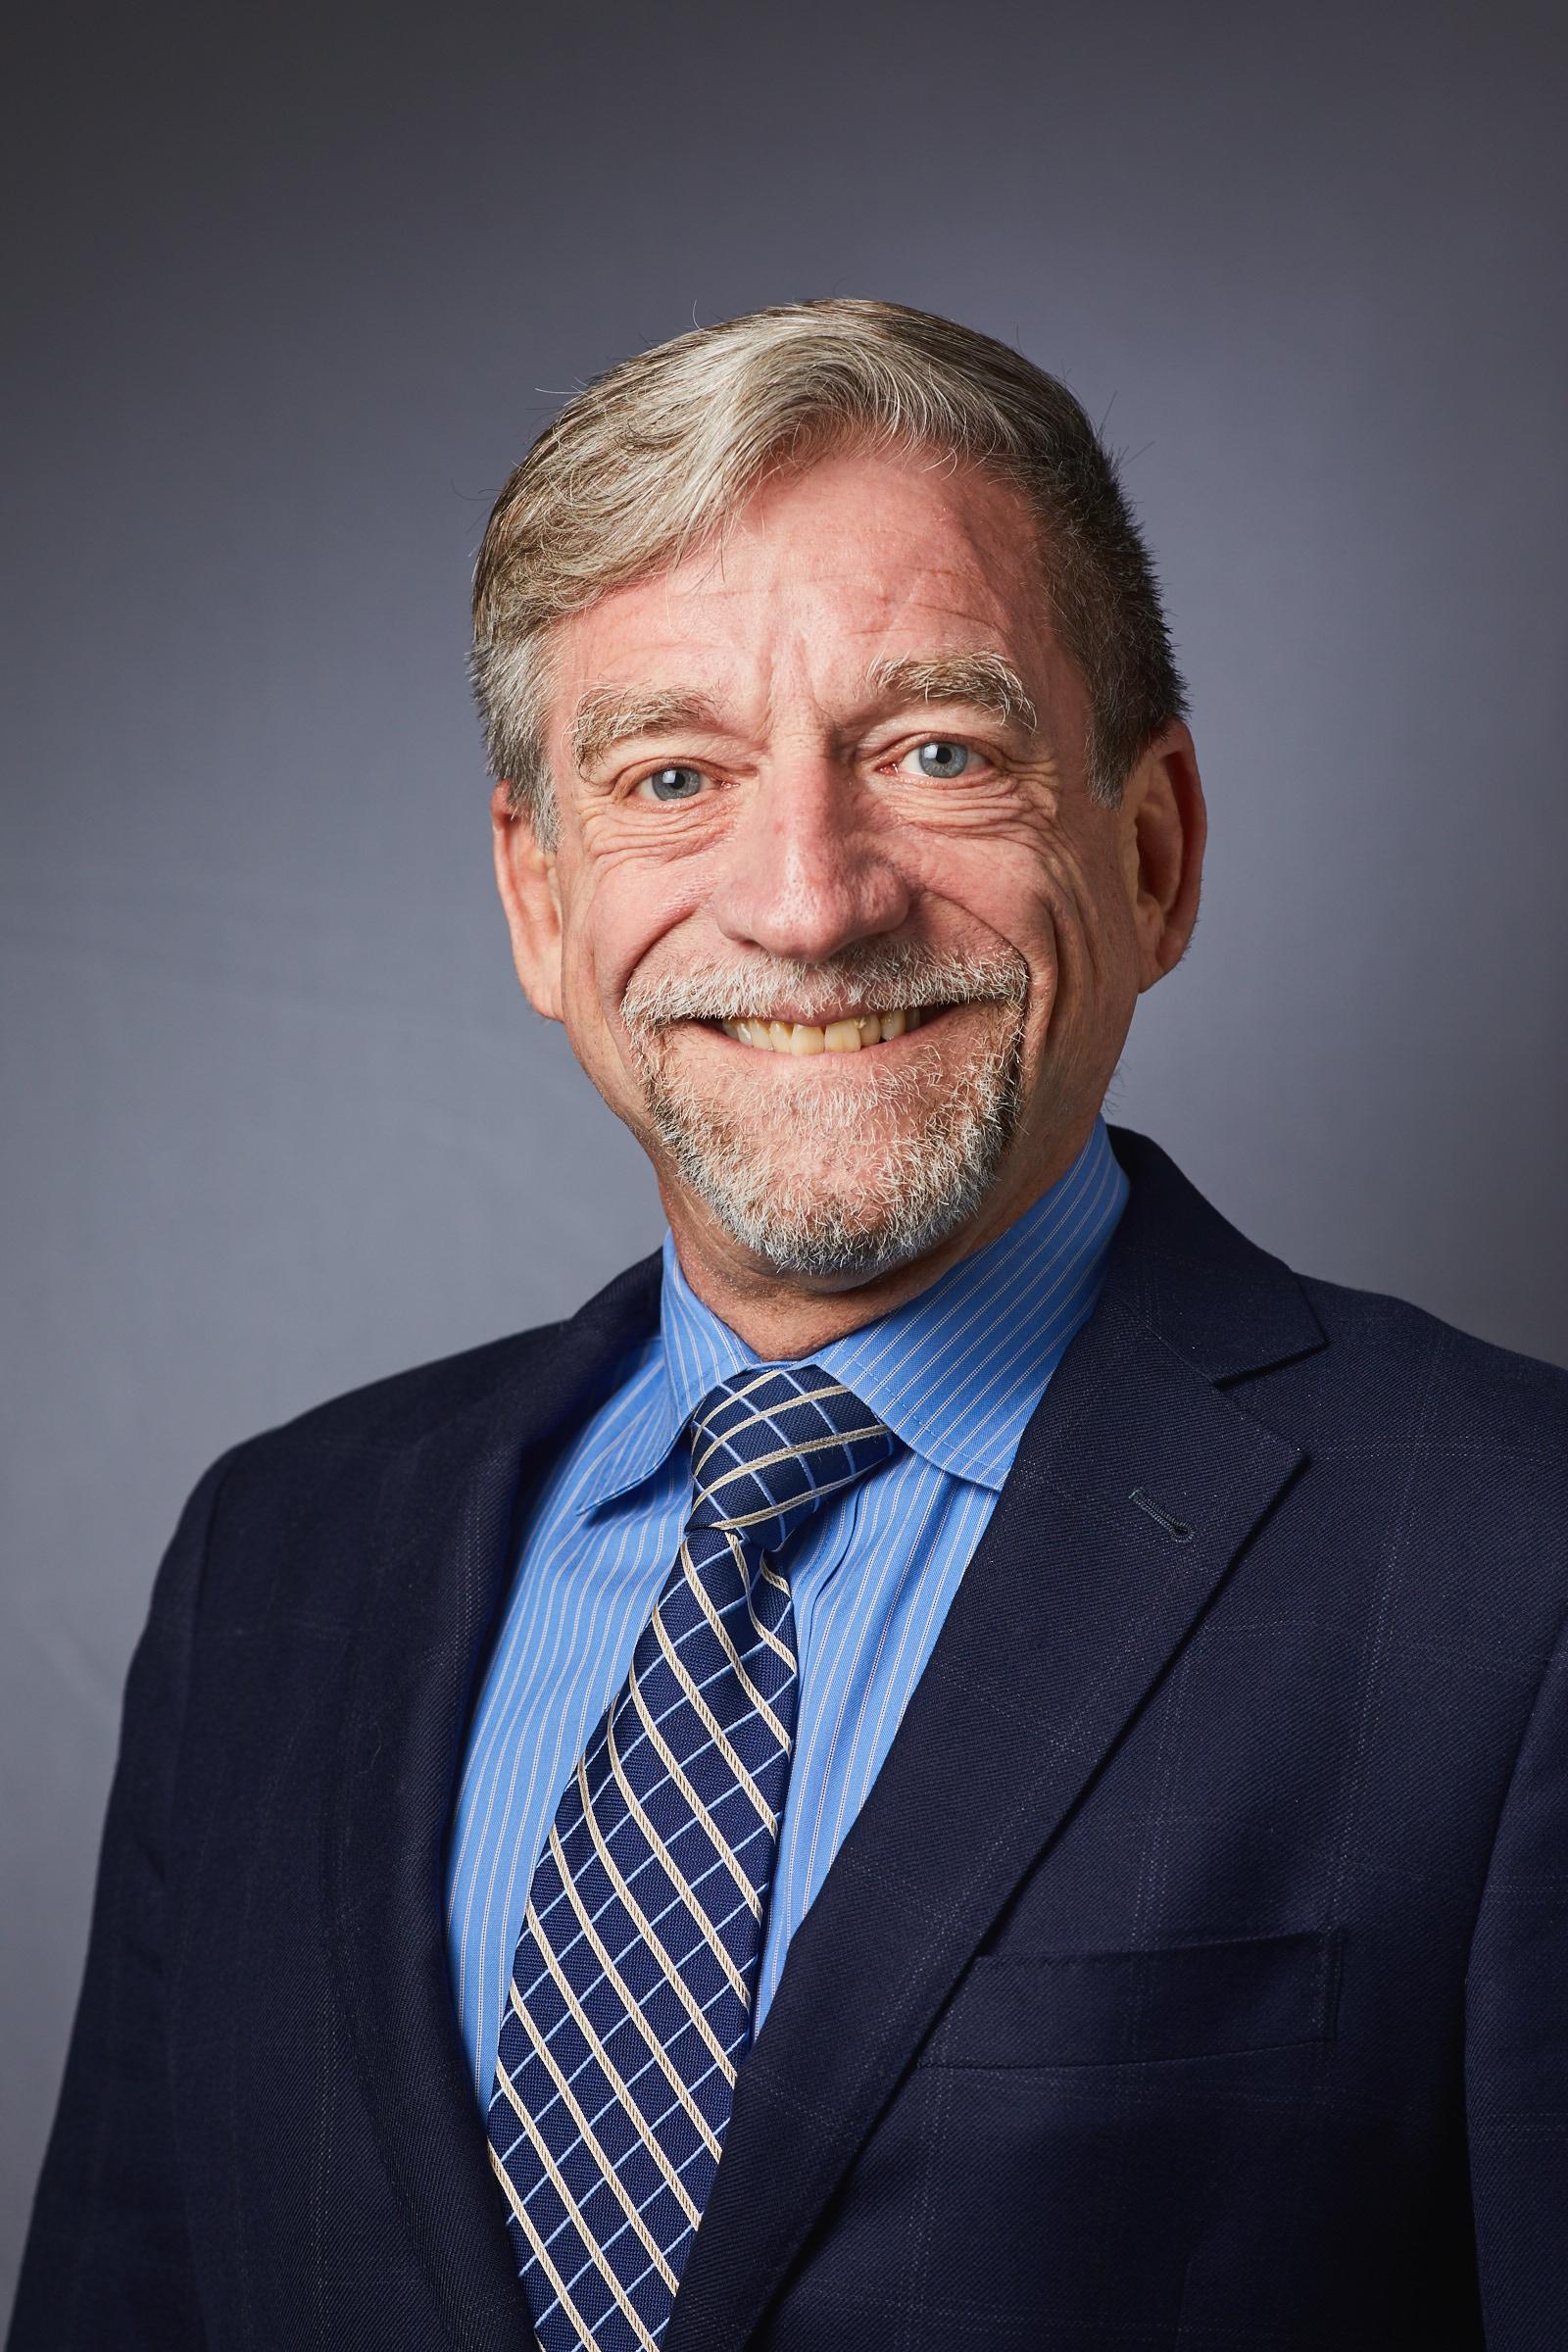 Robert D Kerns, PhD